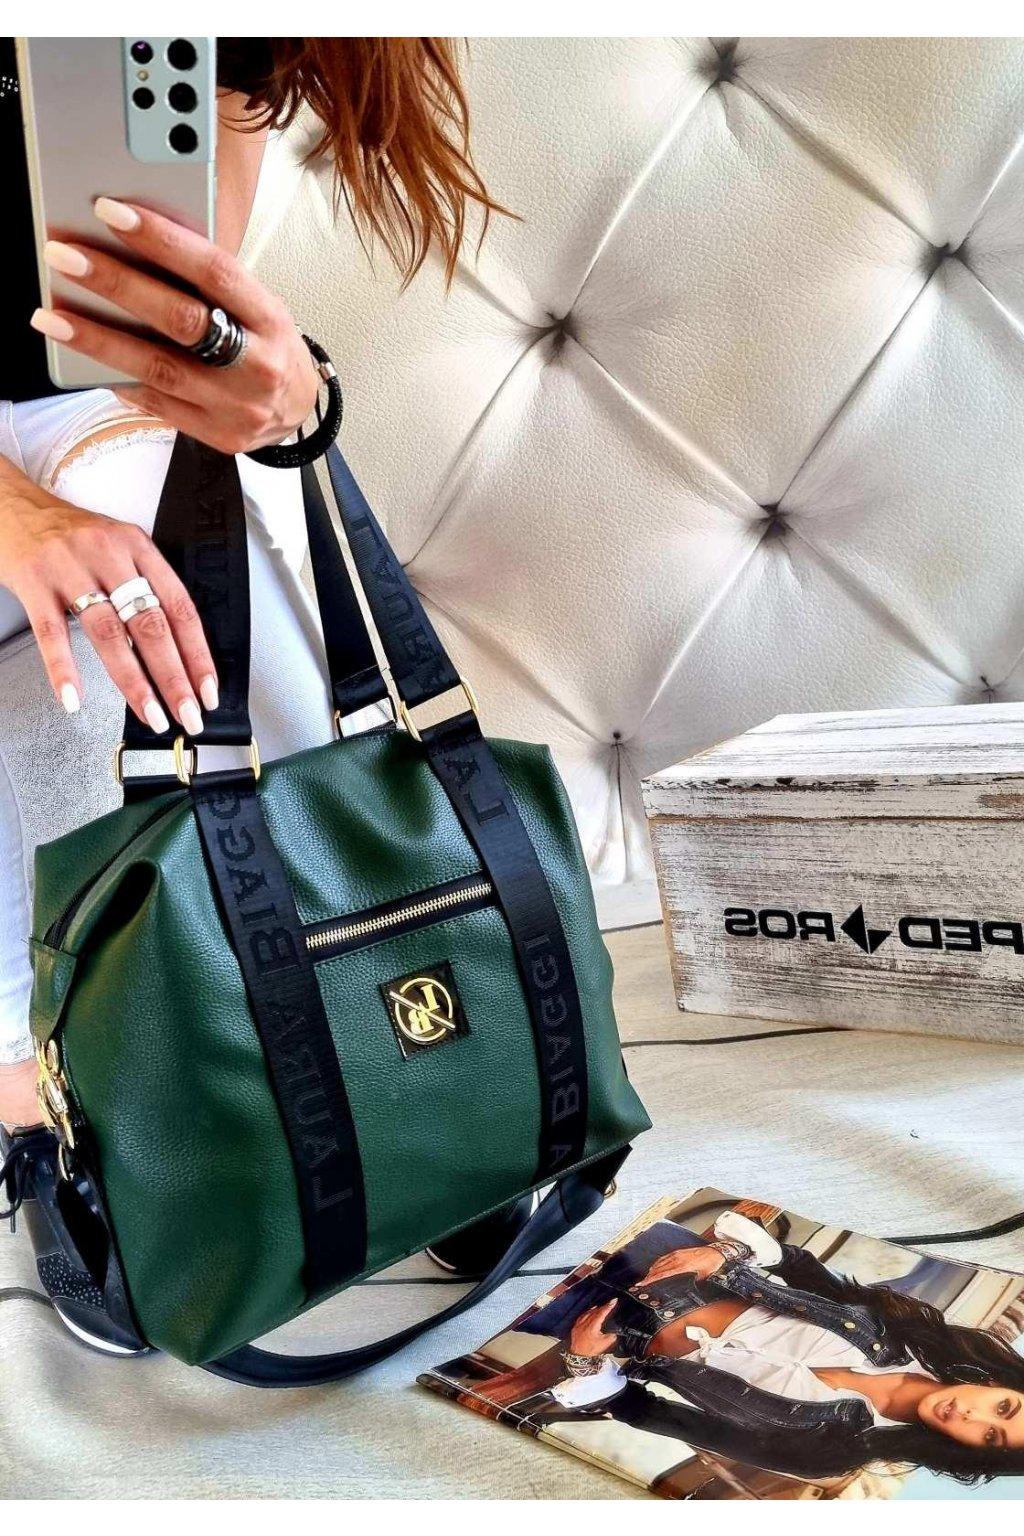 kabelka laura biaggi fashion zelená značková exklusivní kabelka trendy green